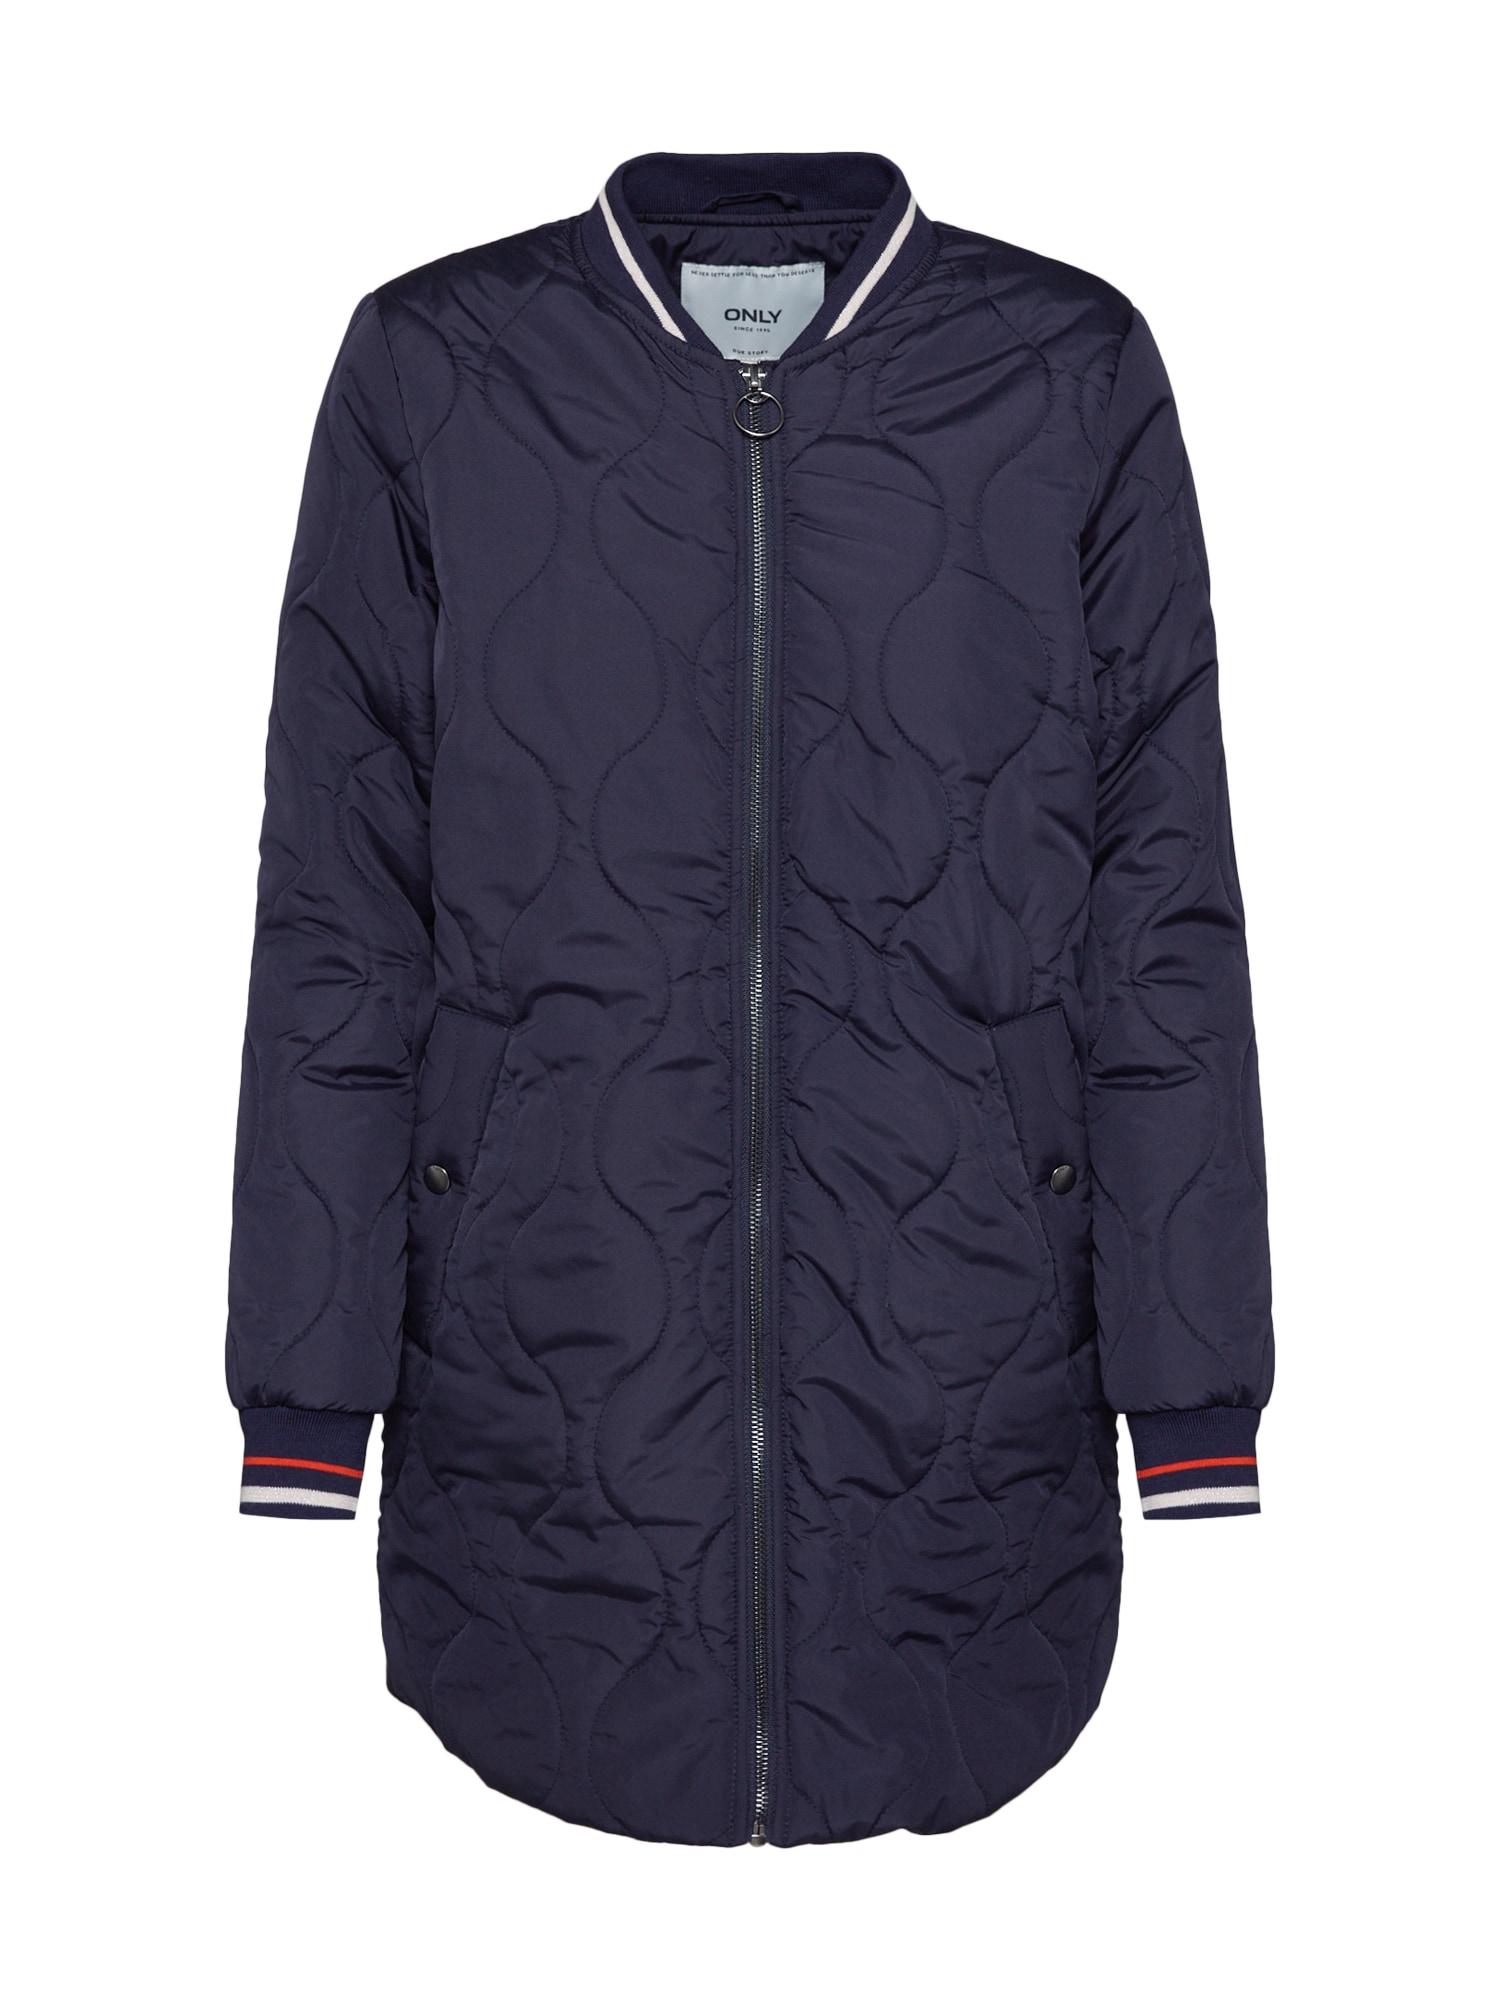 Přechodný kabát Dorah noční modrá červená bílá ONLY